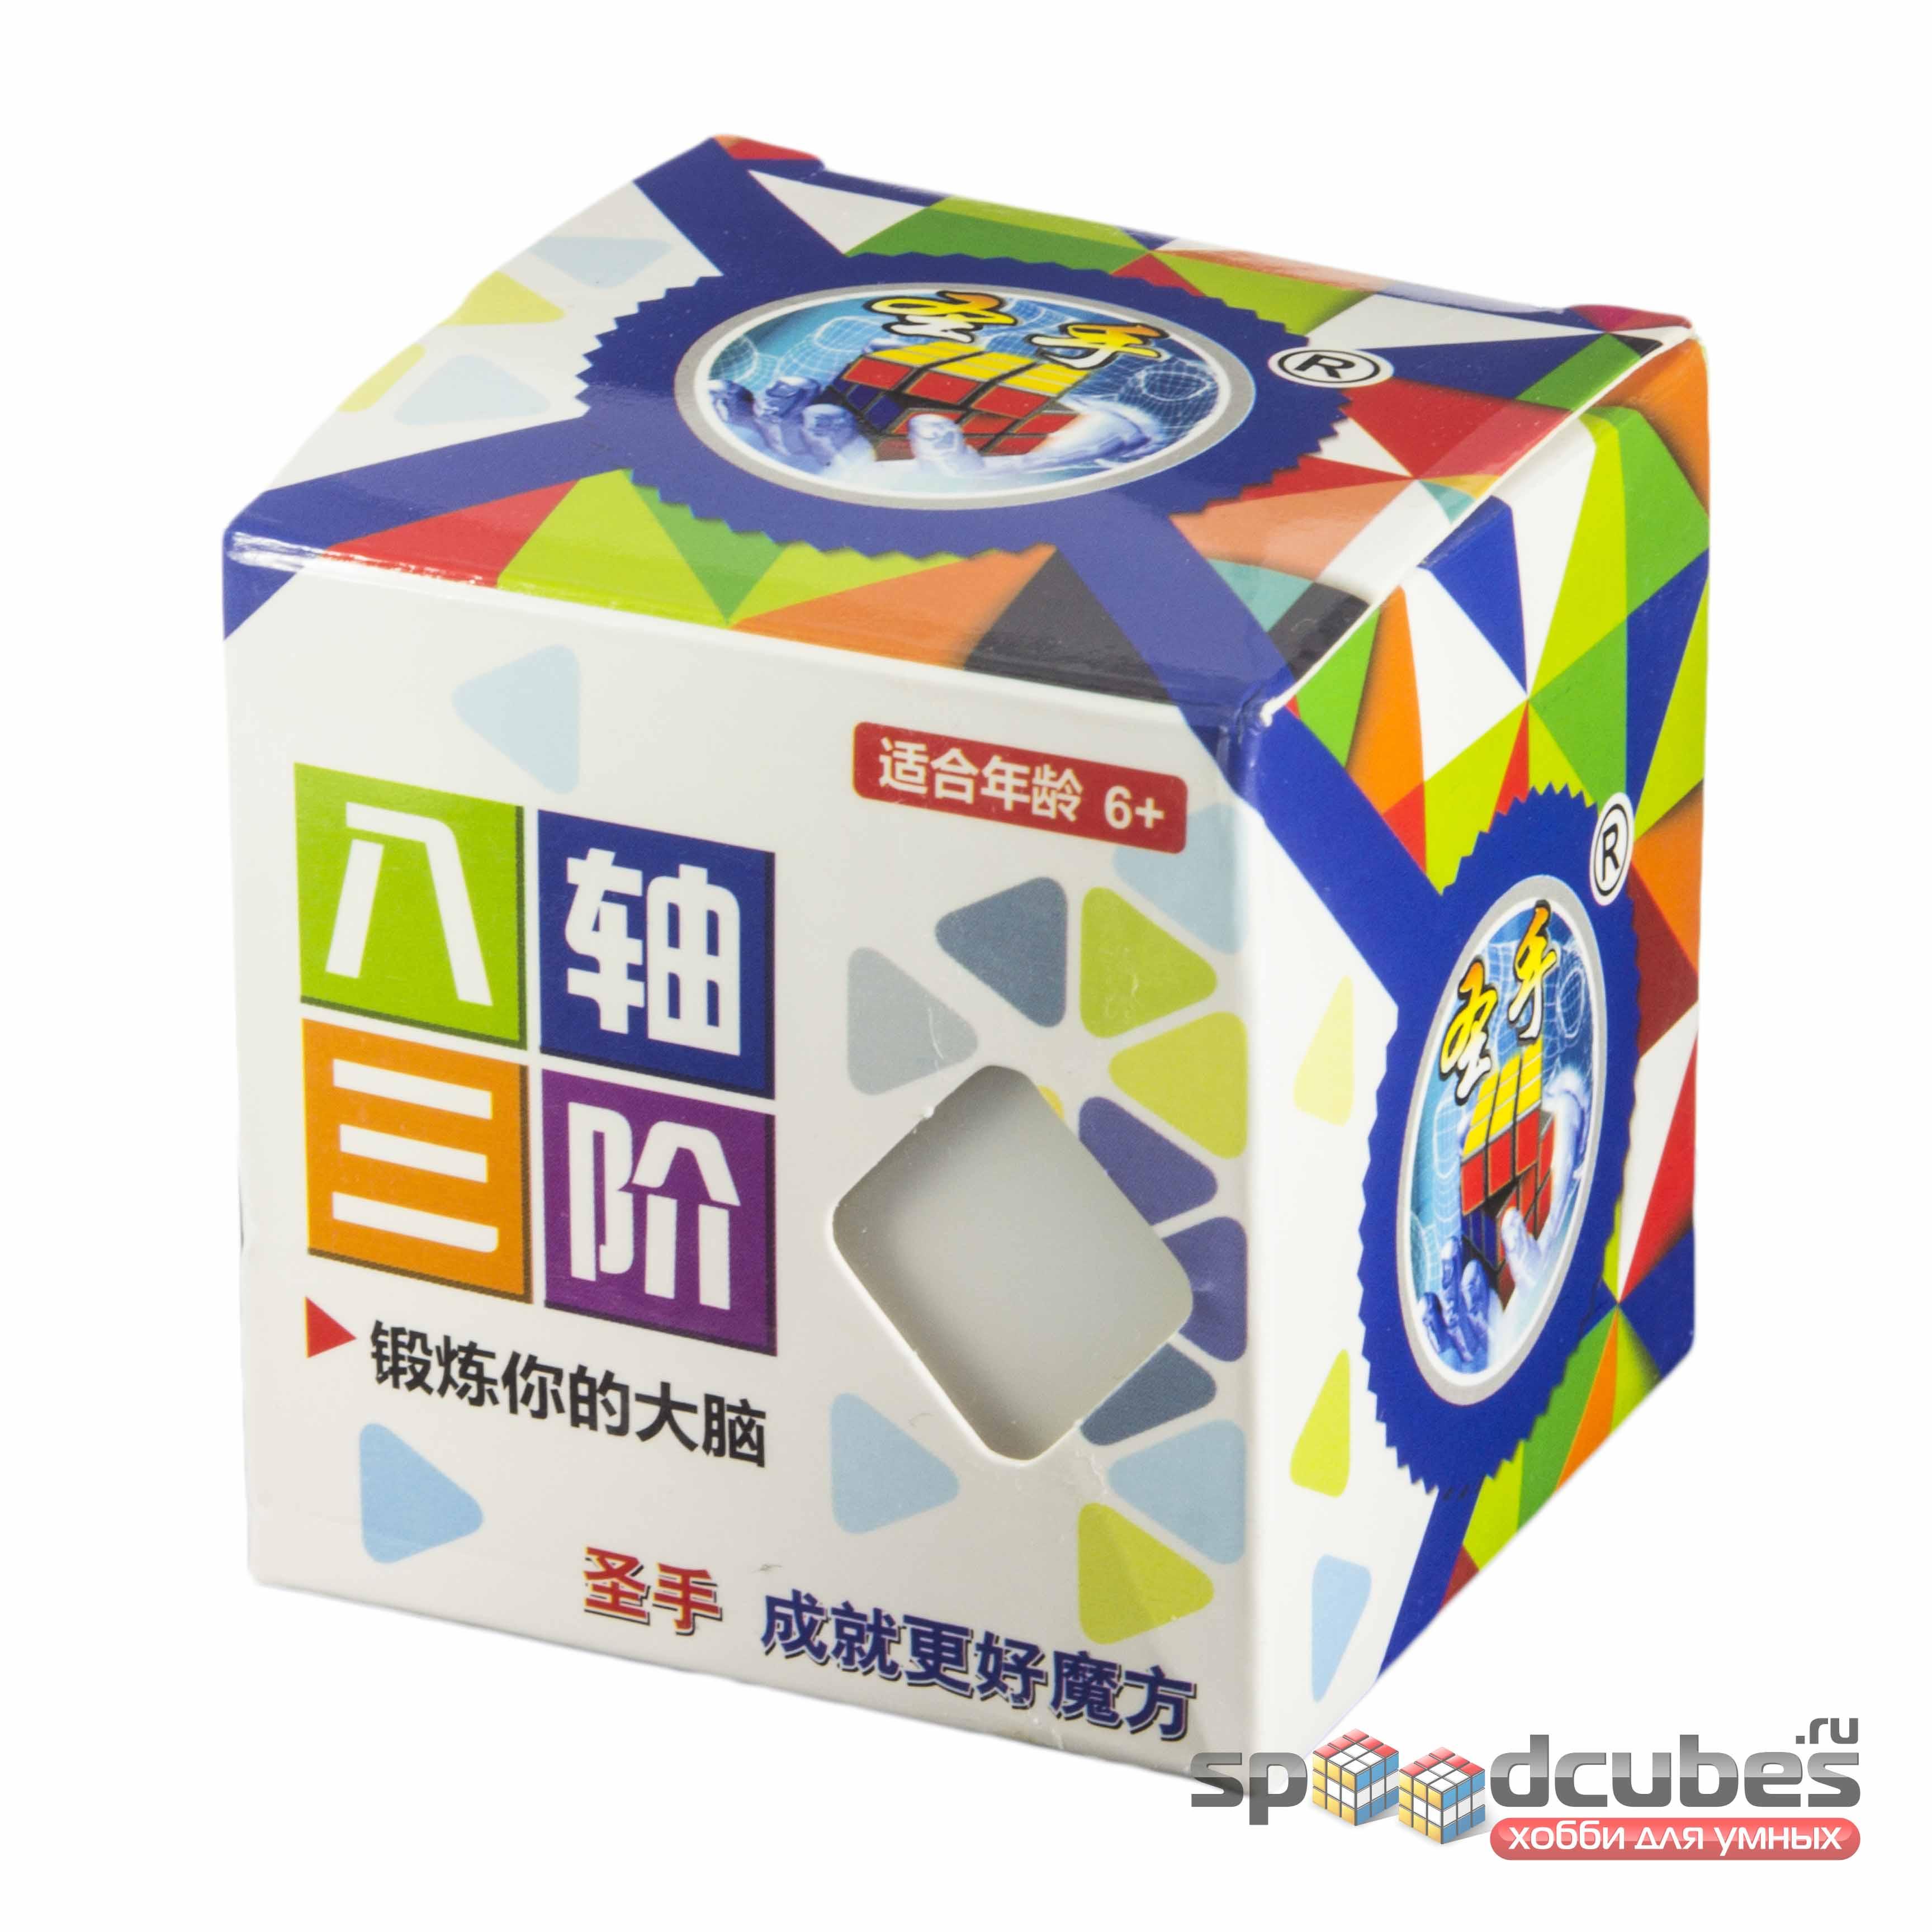 Shengshou Dino Cube 3